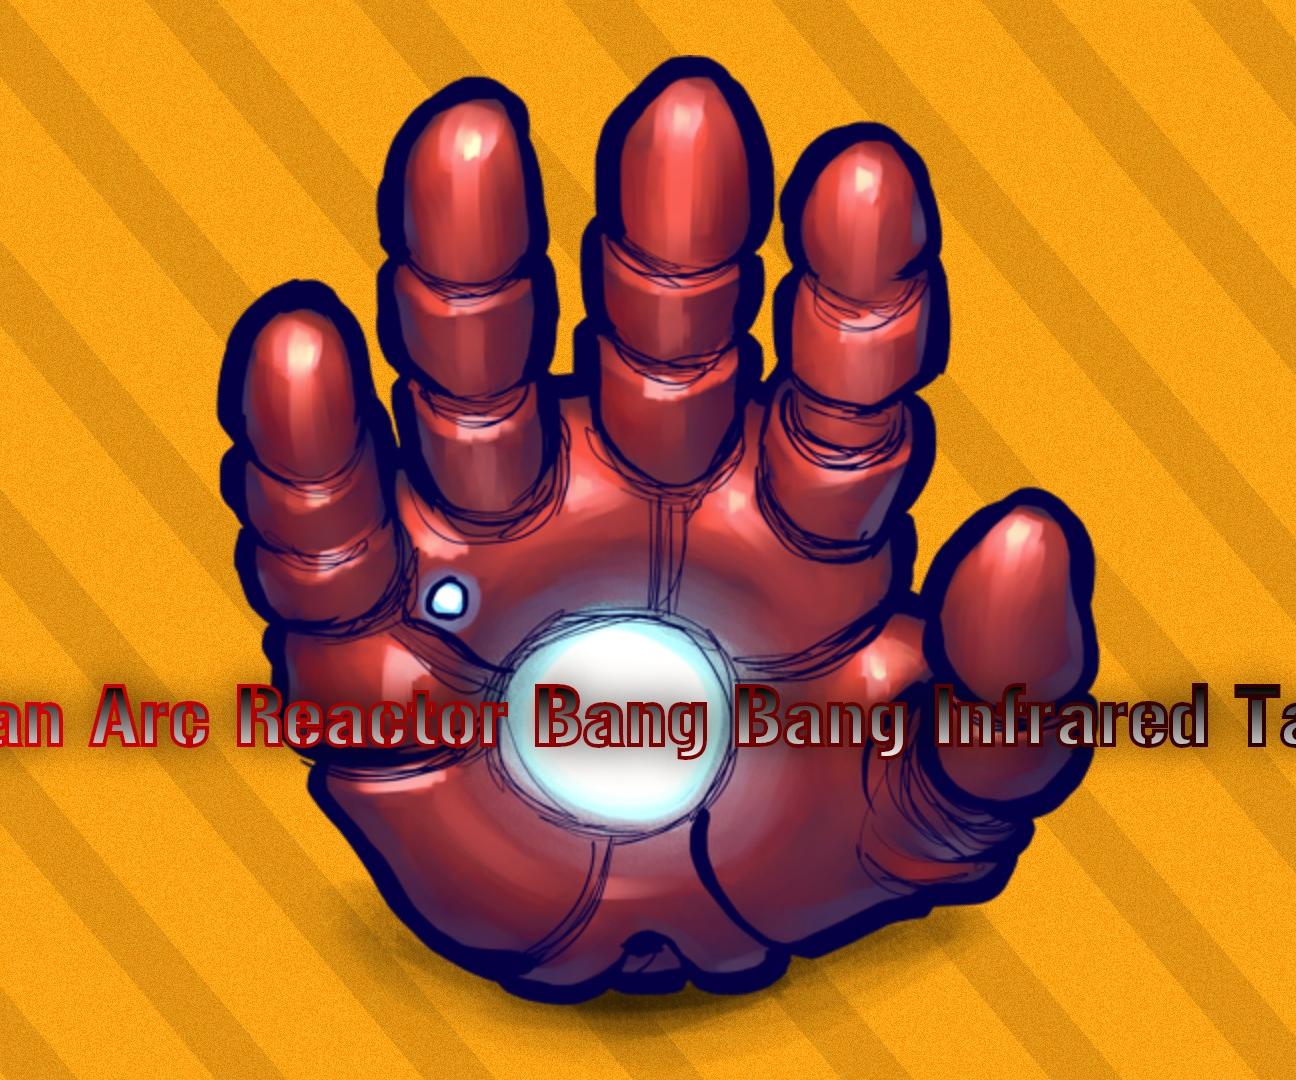 Iron Man Arc Reactor Bang Bang Tag